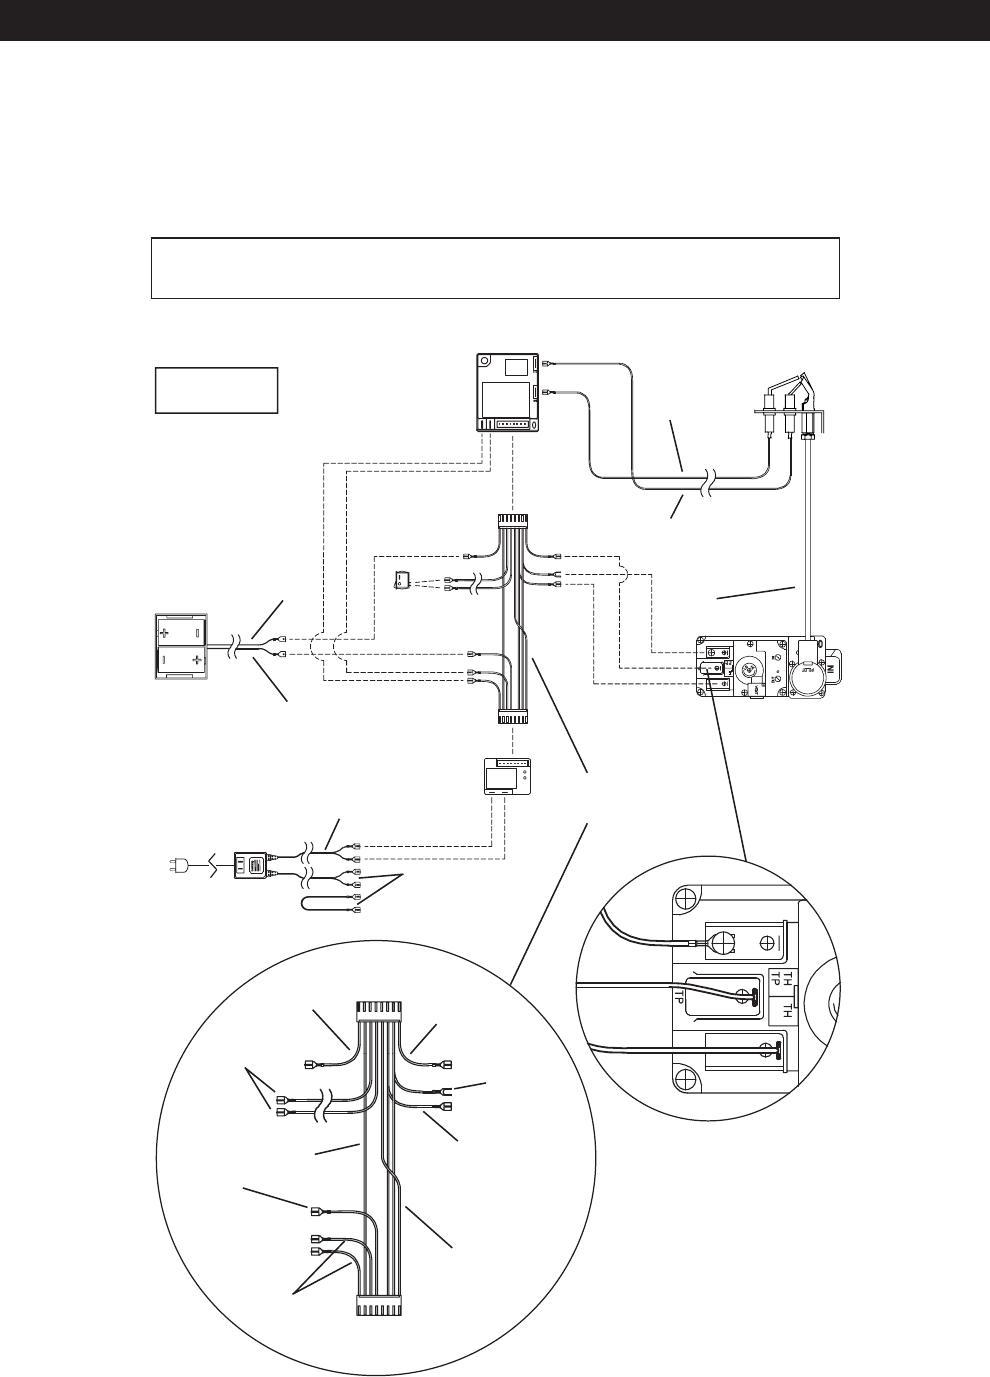 diagrams 640480 karr alarm system wiring diagram karr alarm how Honda Motorcycle Repair Diagrams Internet of Things Diagrams karr wiring diagram